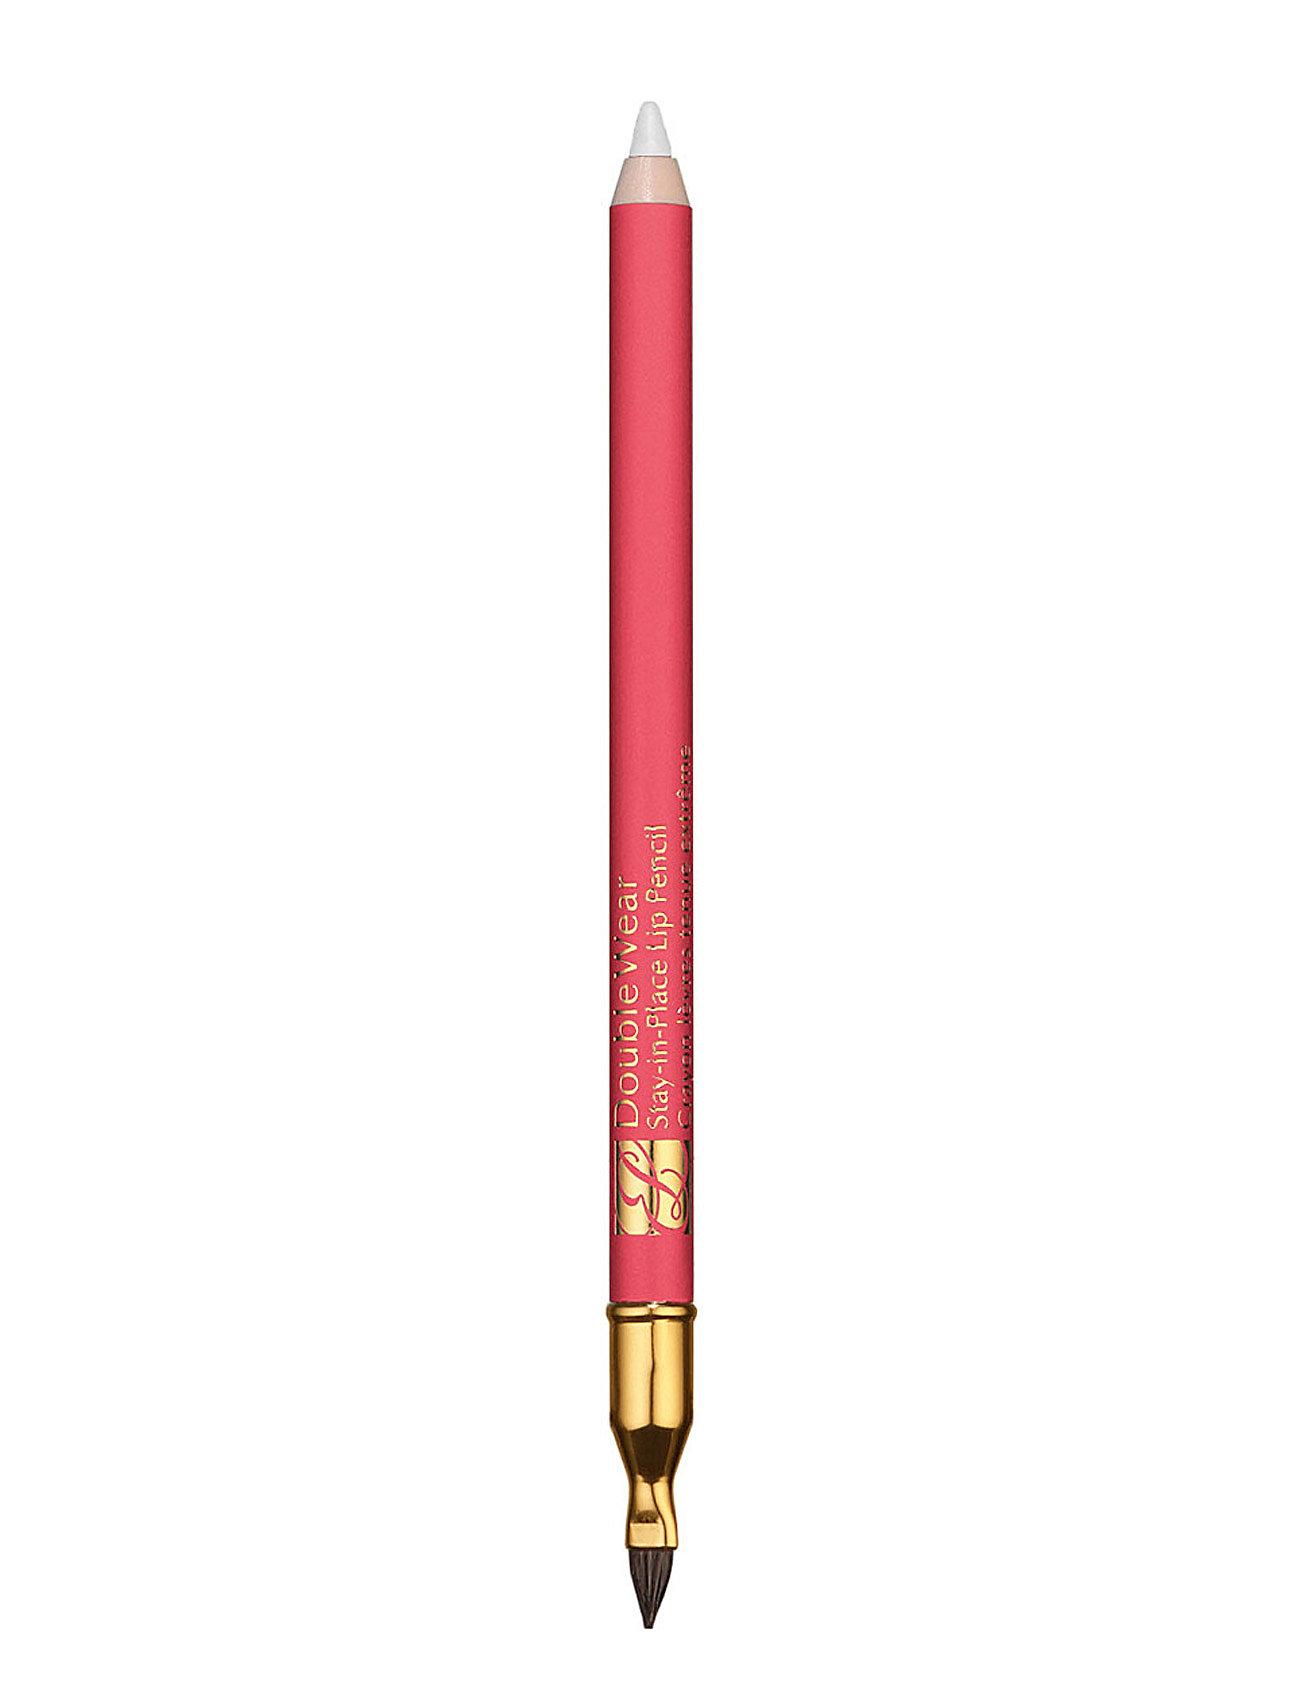 Estée Lauder Double Wear Stay-In-Place Lip Pencil 20 Clear